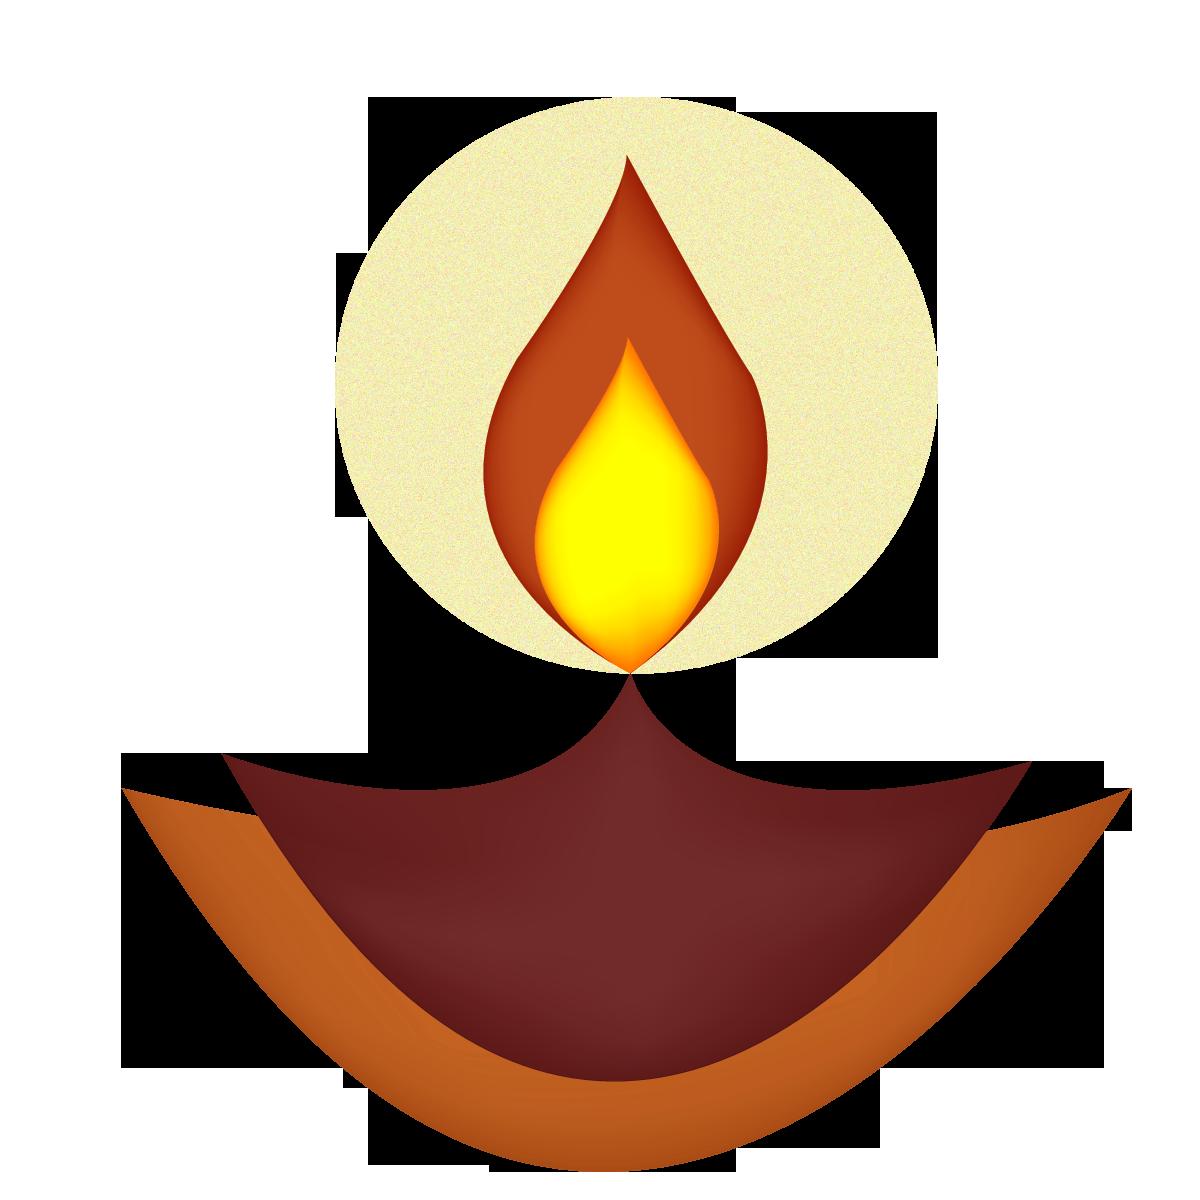 2017 clipart diwali. Png mart